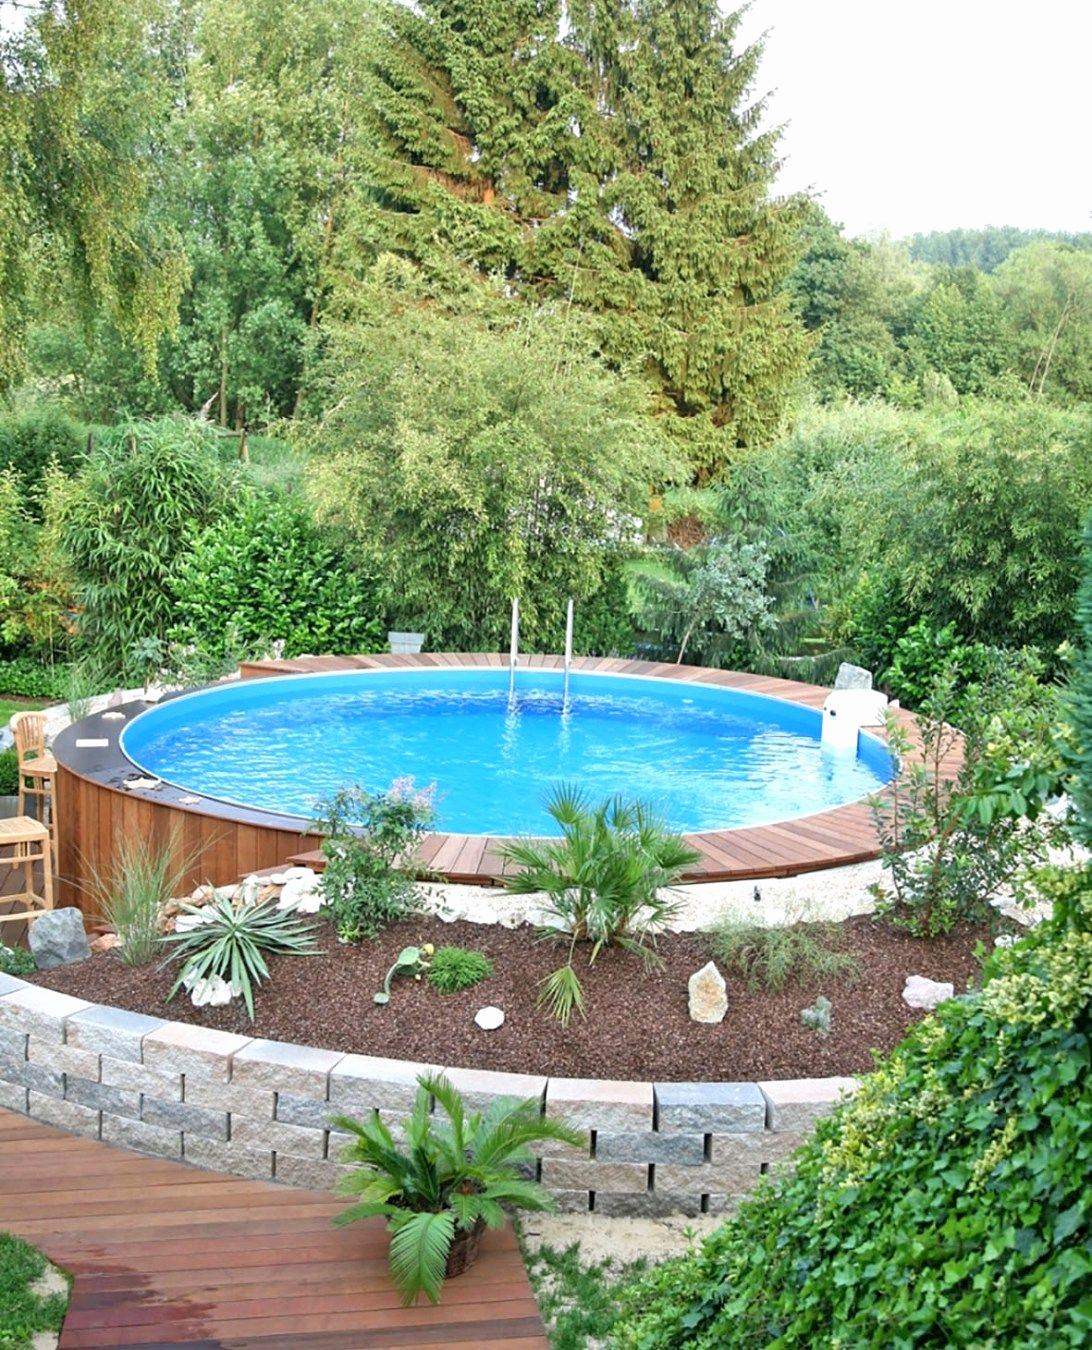 yakuzi pool garten genial holz pool einzigartig yakuzi pool garten luxus media image 0d 34 22 of yakuzi pool garten